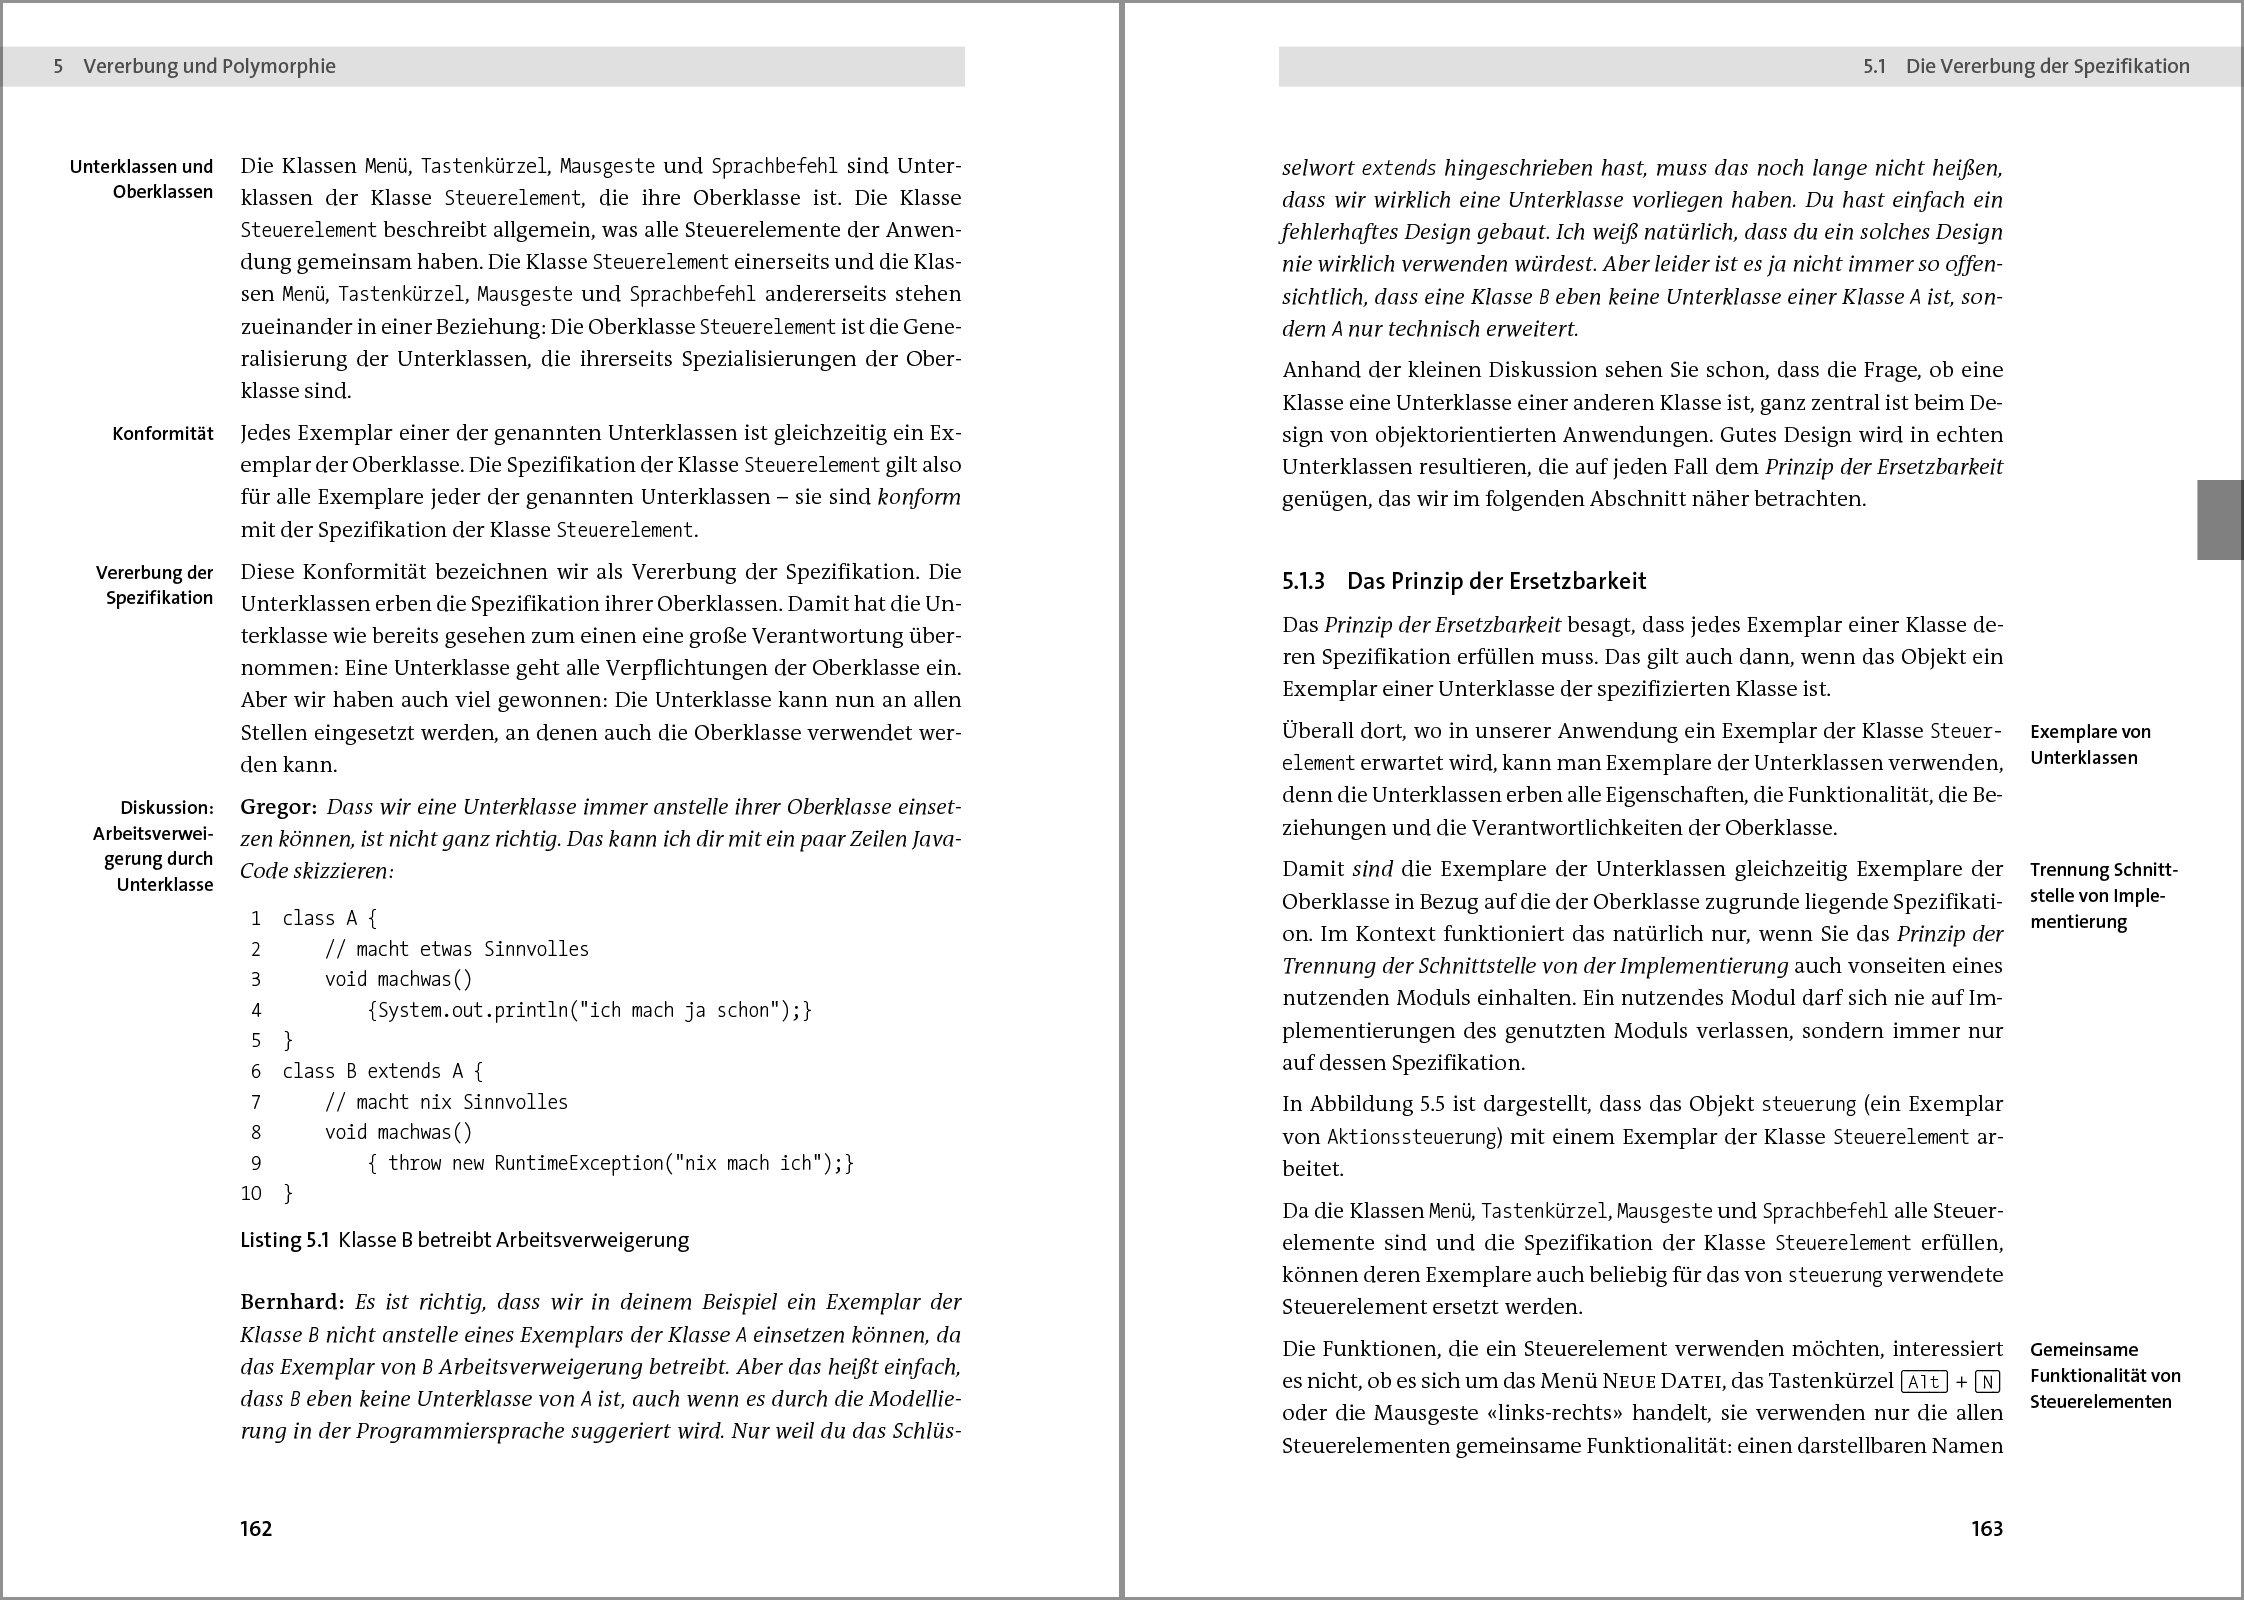 Objektorientierte Programmierung: Das umfassende Handbuch. Lernen ...